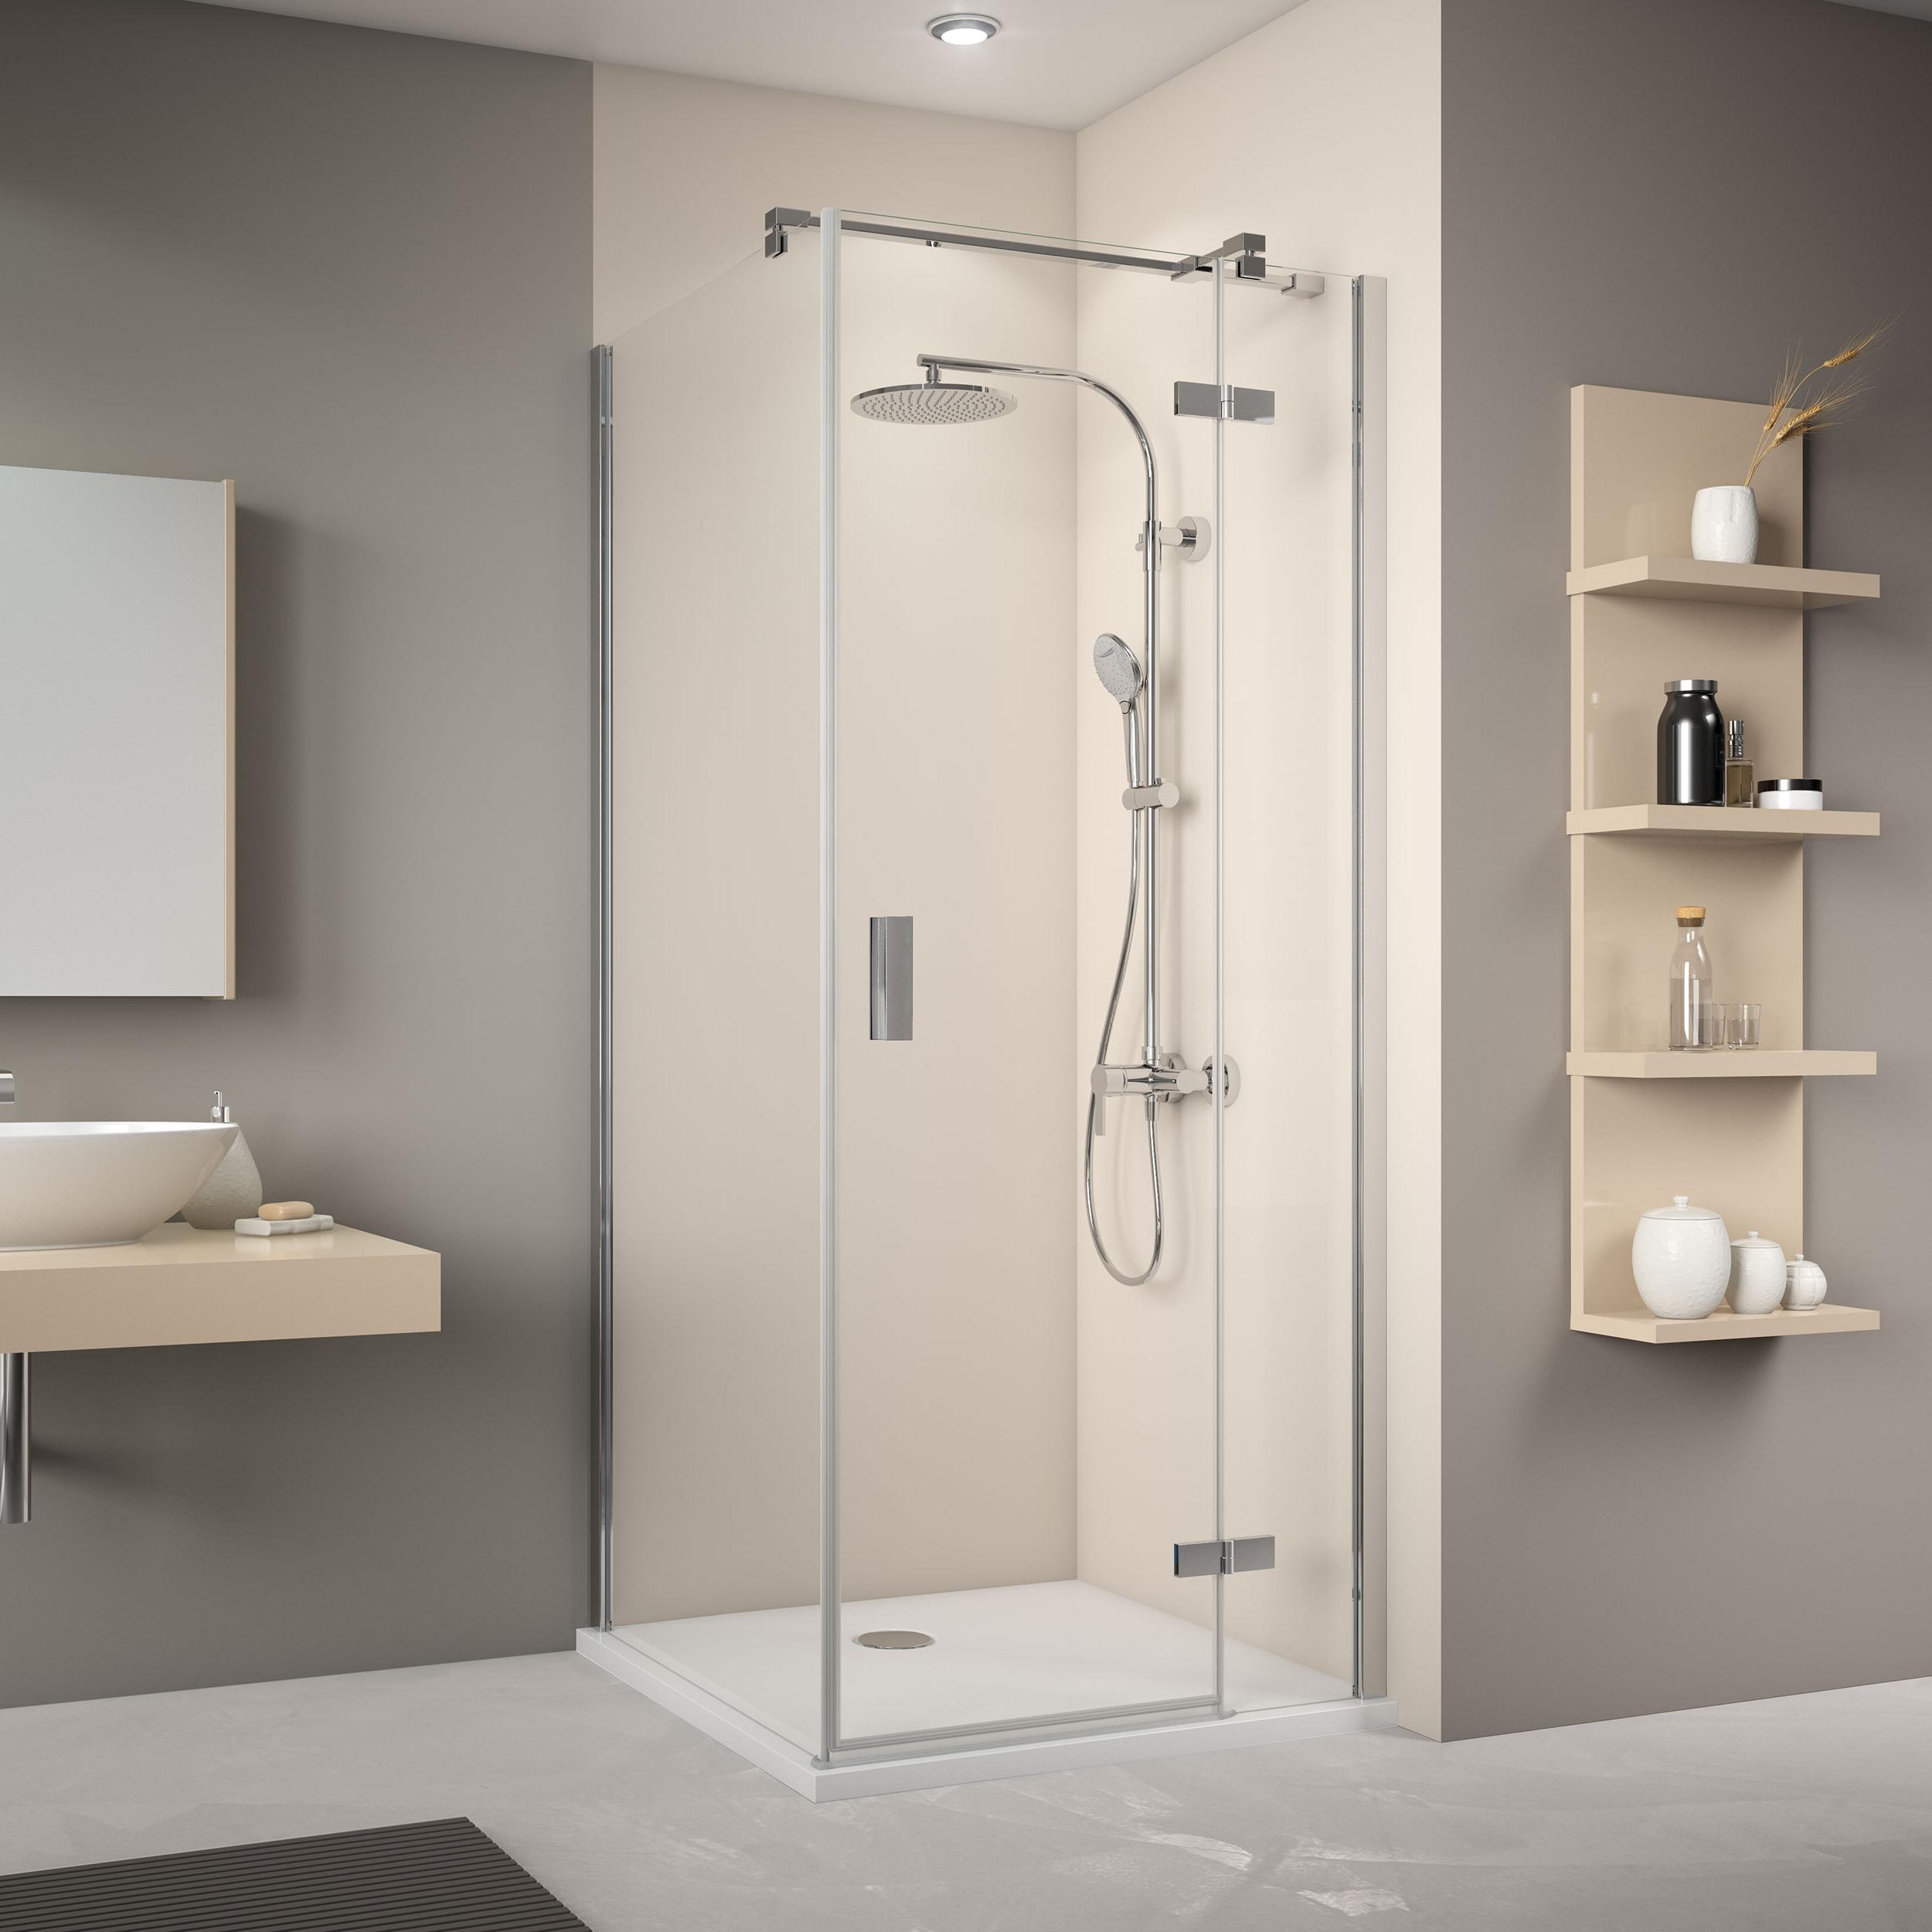 seitenwand f r dreht r mit festteil mk 800 duschkabinen produkte duschwelten. Black Bedroom Furniture Sets. Home Design Ideas